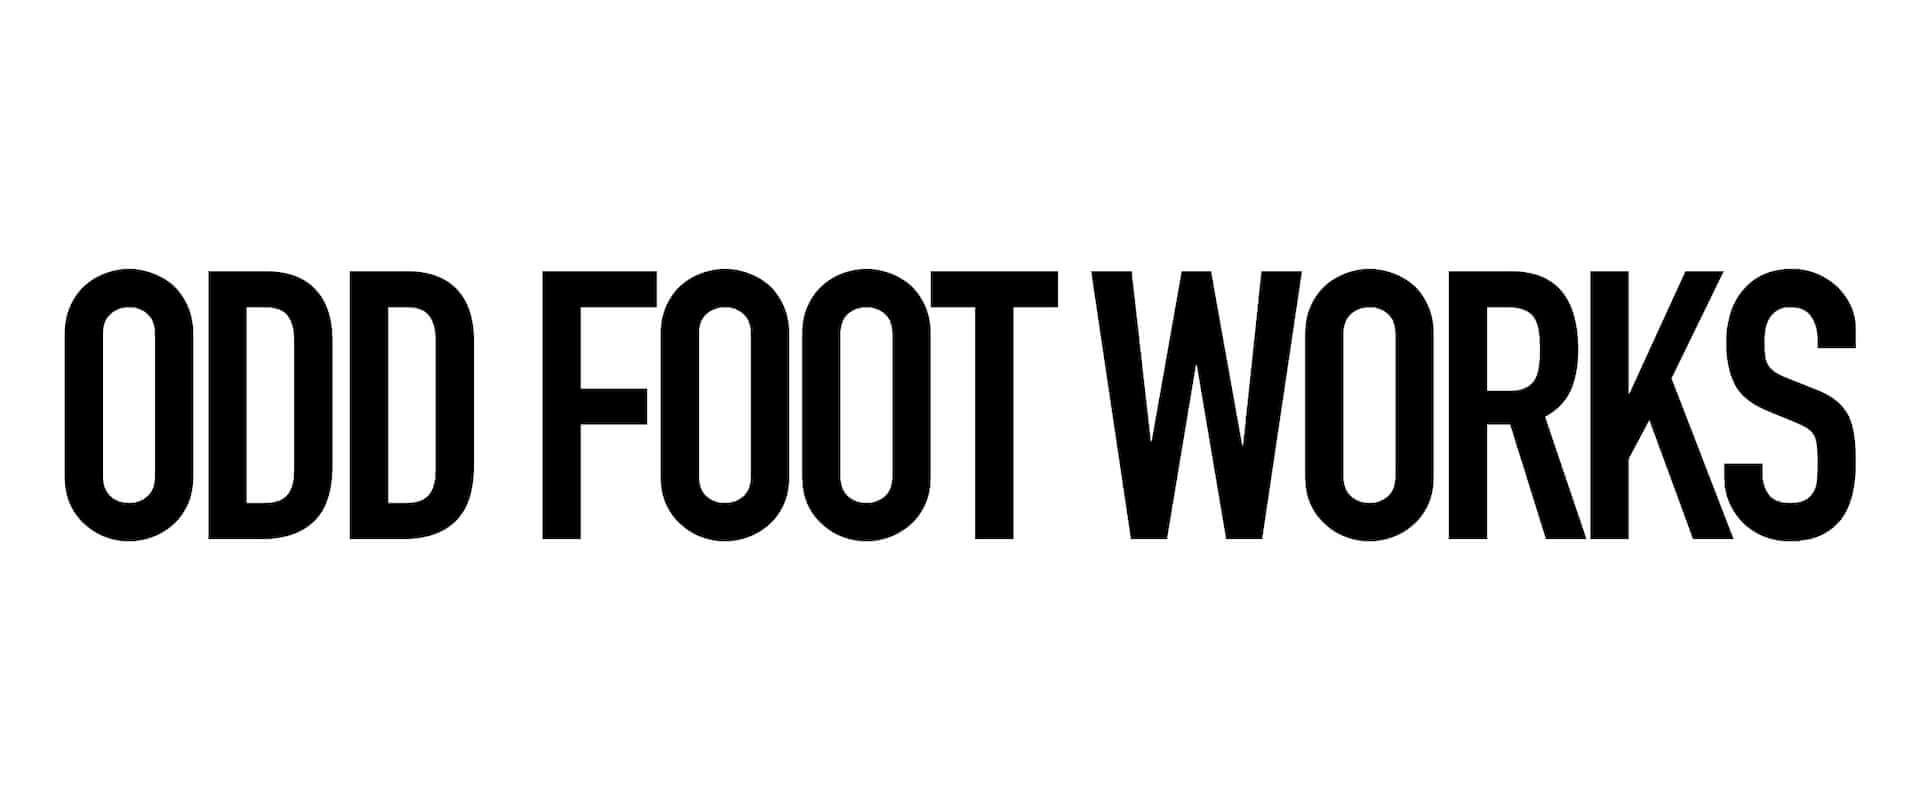 踊Foot Worksの対バン企画<GALAXY MOTEL>にDaichi Yamamotoが参加決定!LIQUIDROOMでのワンマン前売も明日発売 music200313_oddfoot_2-1920x811